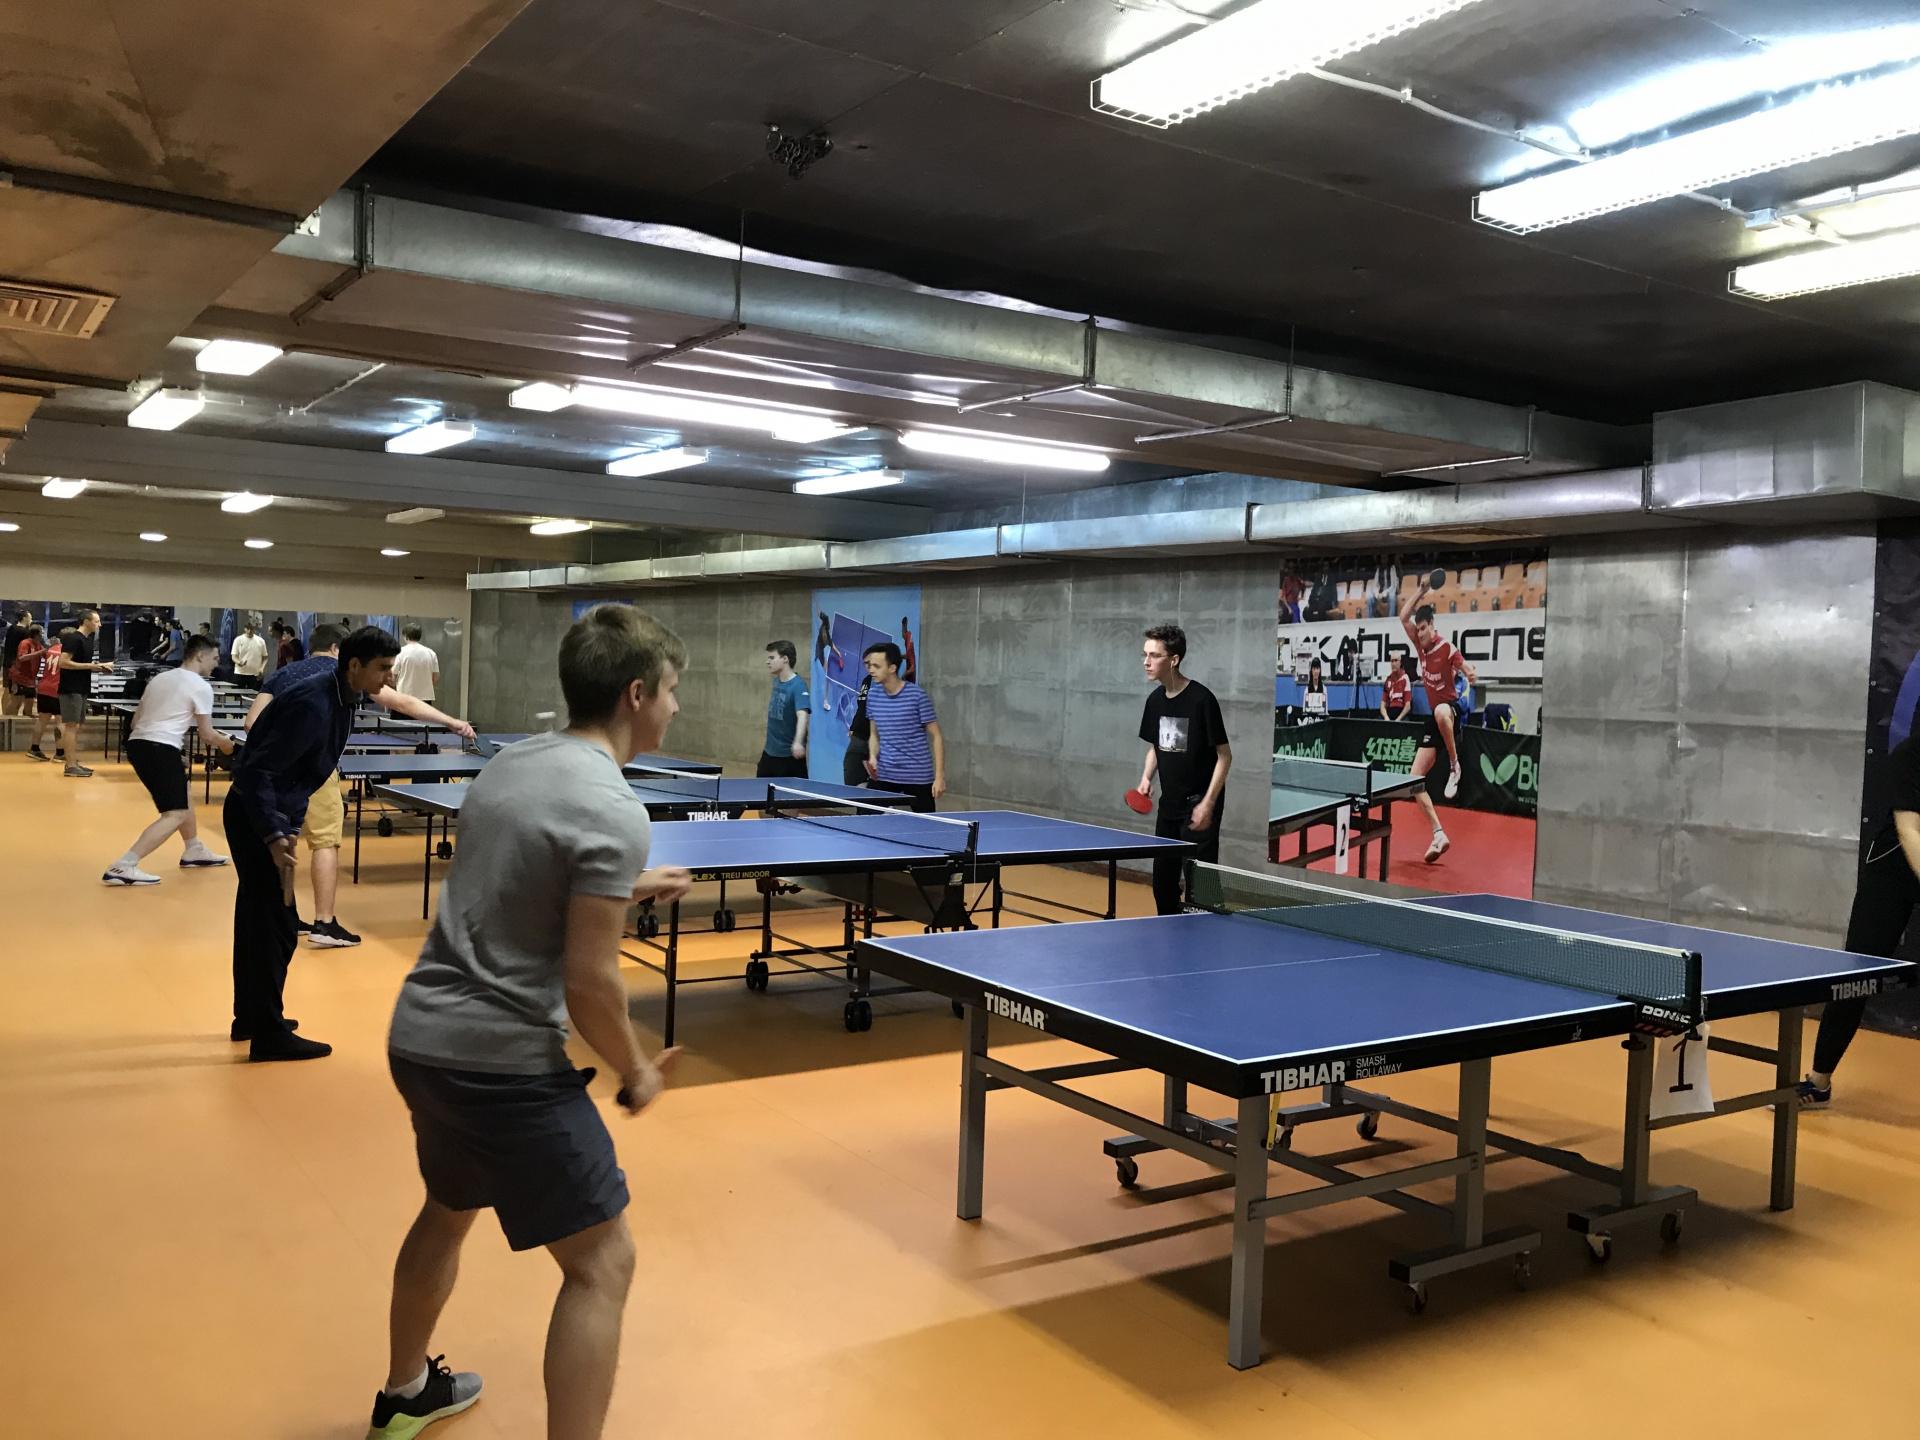 Зал игры в настольный теннис ул.Стромынка20